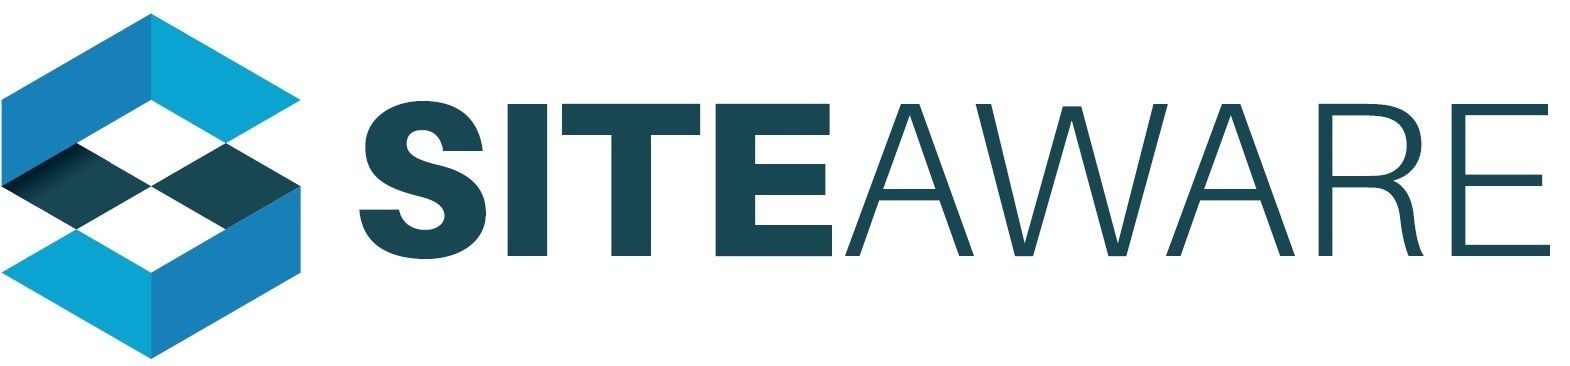 SiteAware logo